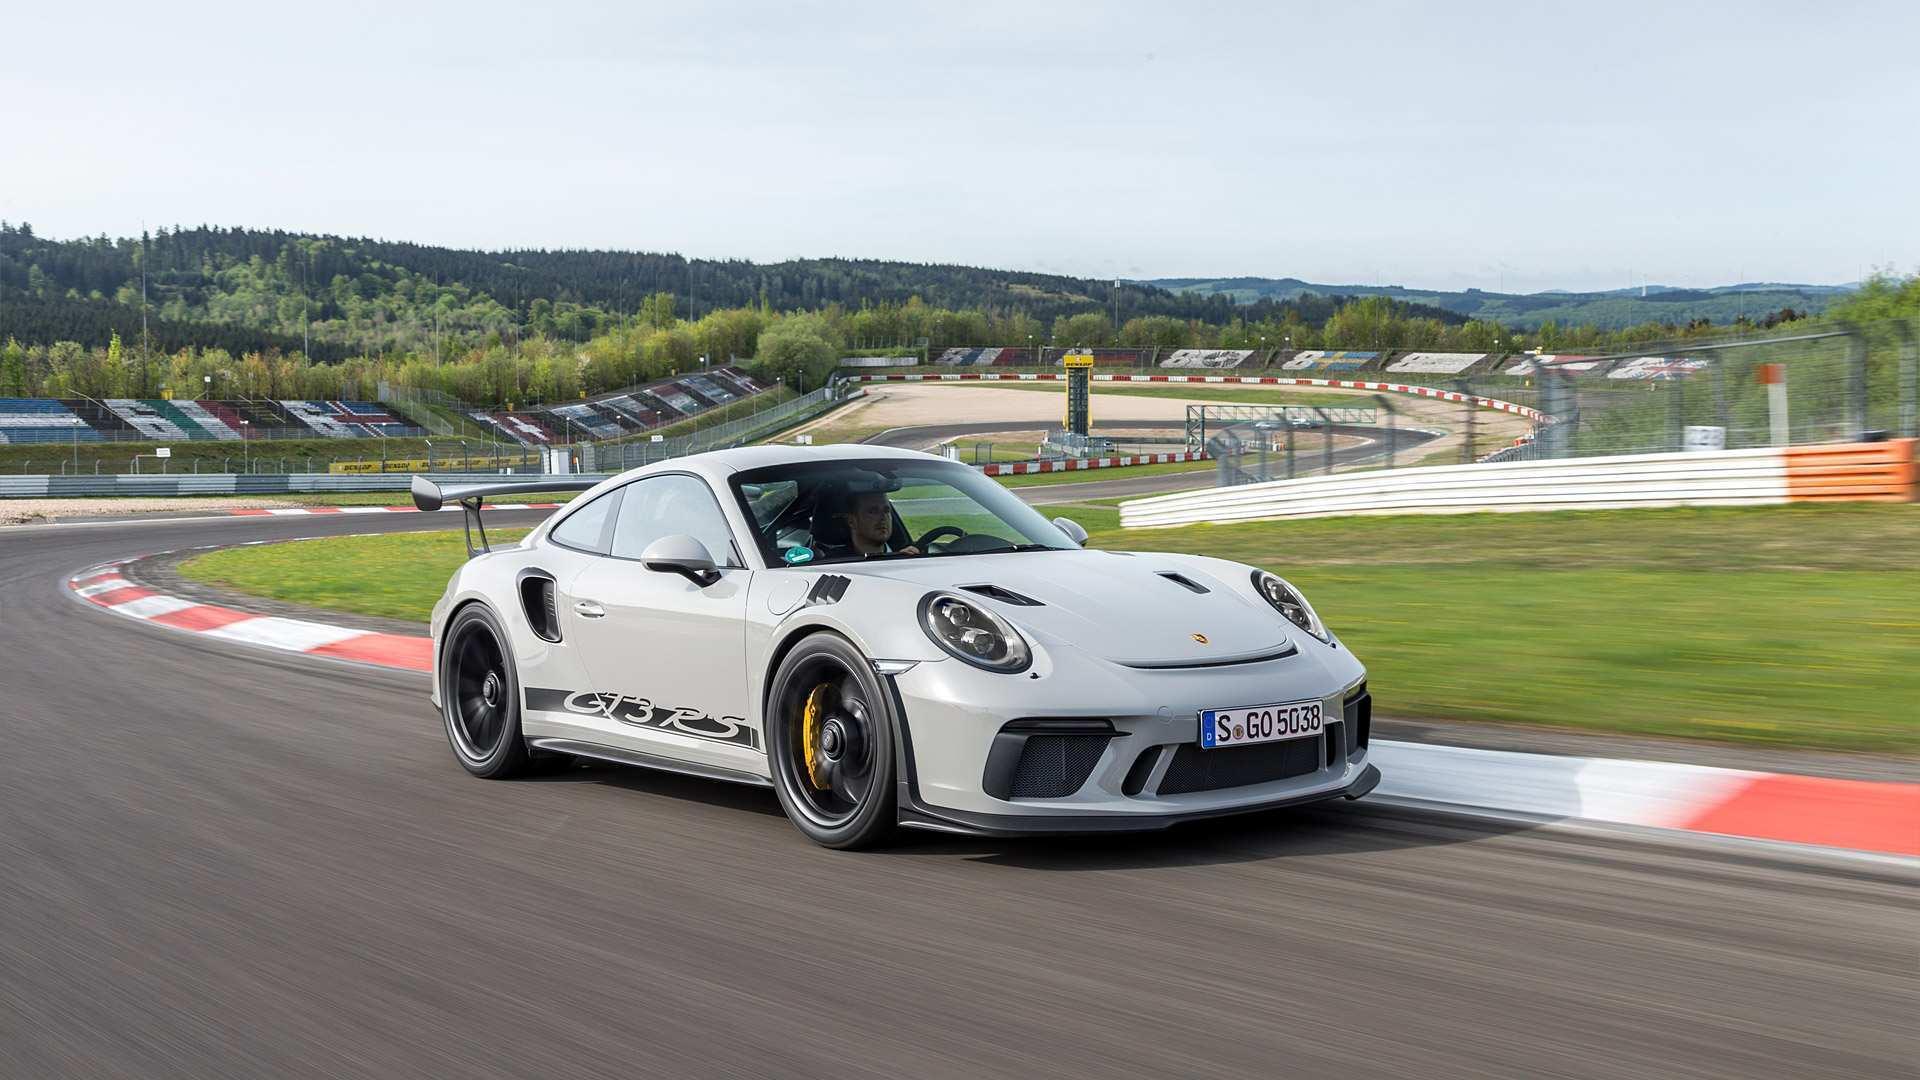 29 Concept of 2019 Porsche 911 Gt3 Rs Pictures for 2019 Porsche 911 Gt3 Rs